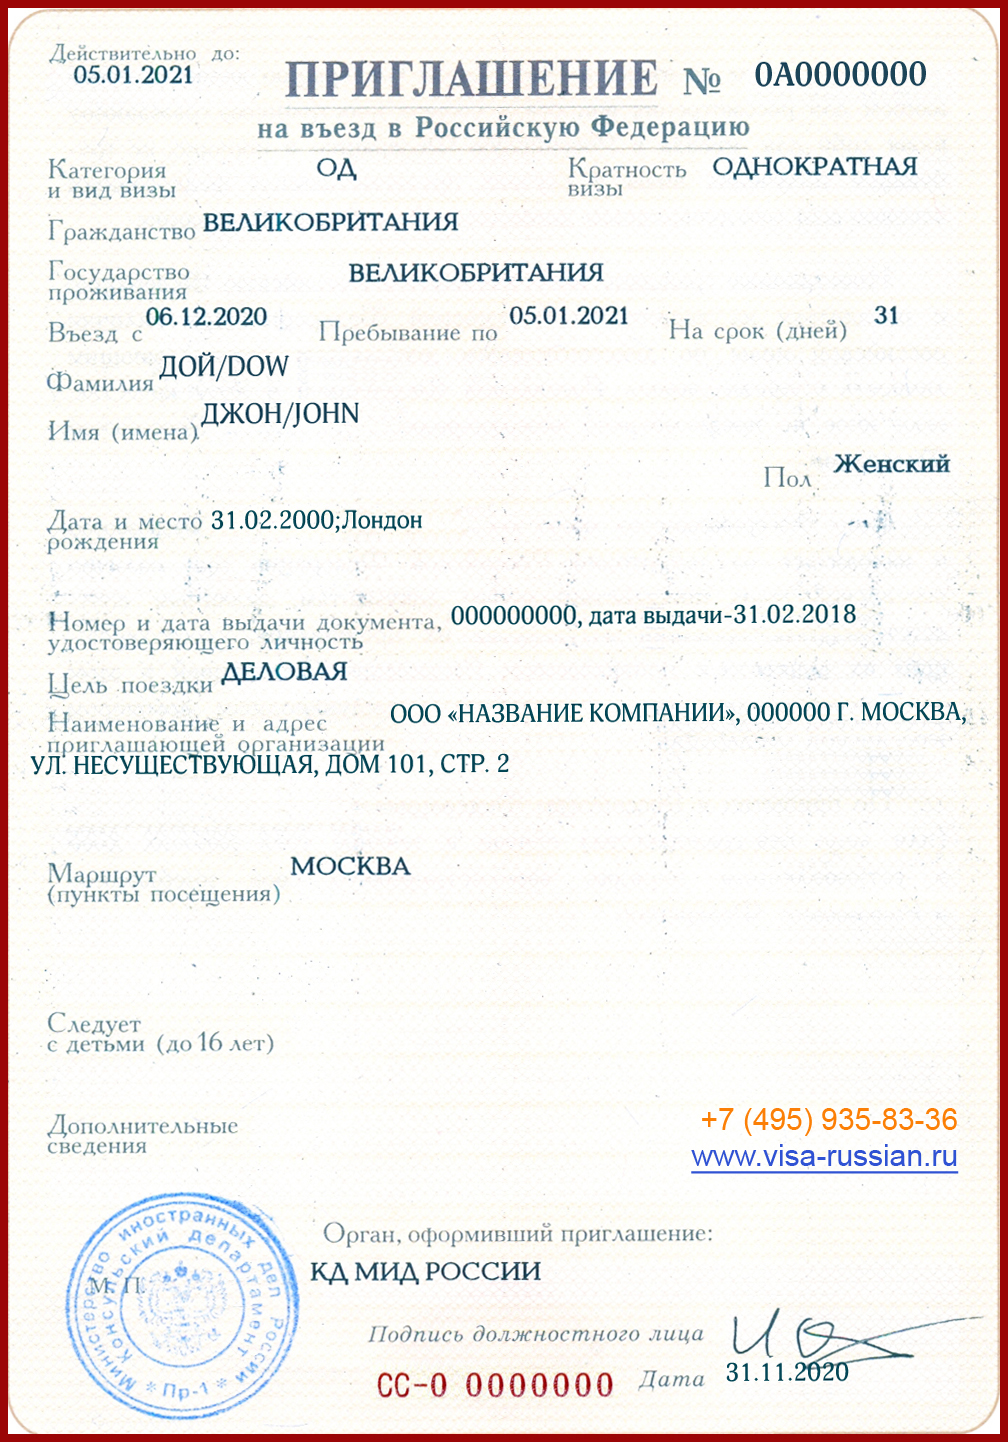 Образец письмо приглашение для иностранца в россию